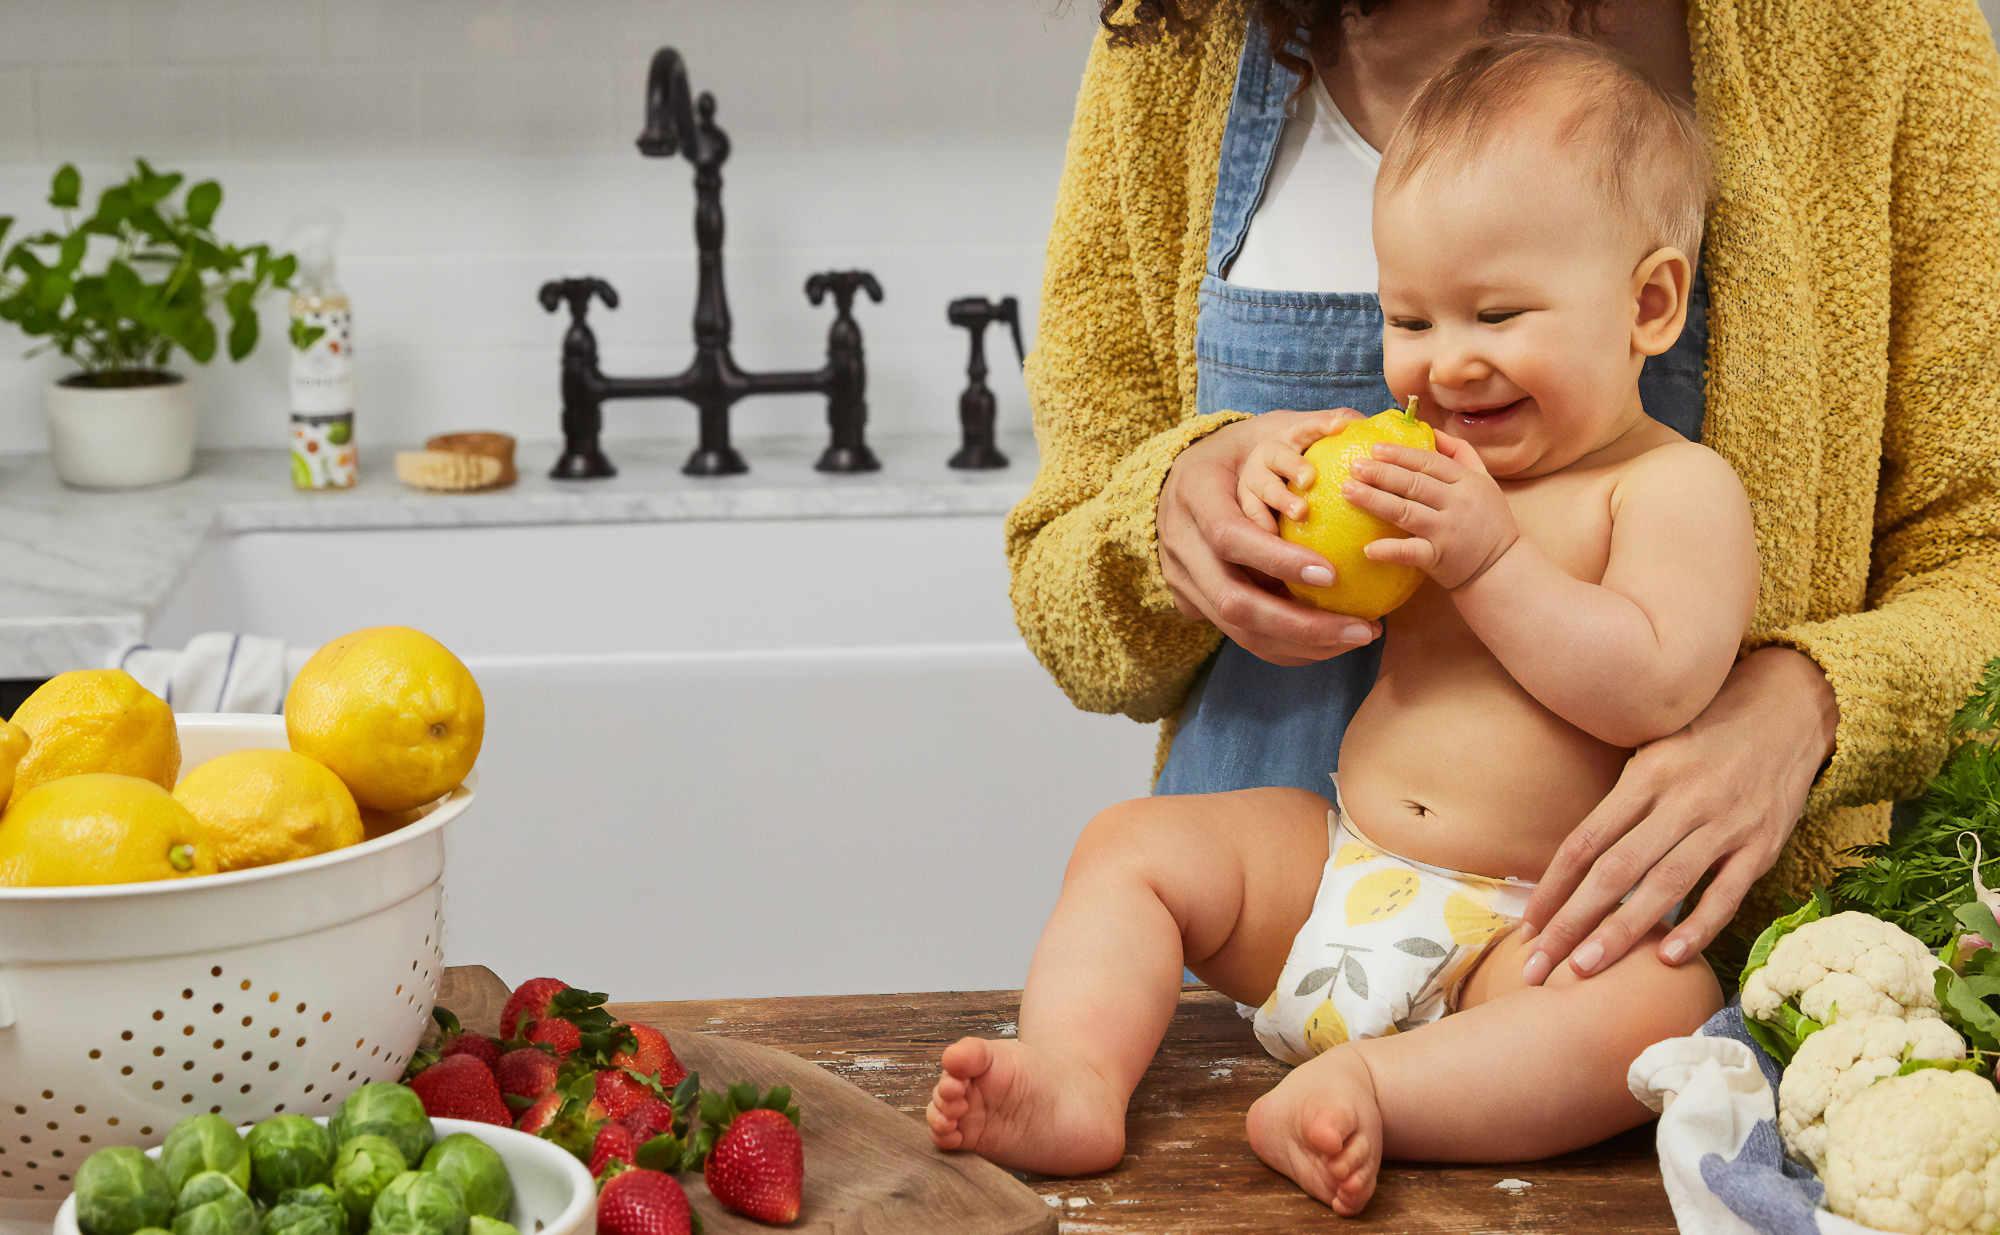 Comment apprendre aux enfants à manger plus sainement ?